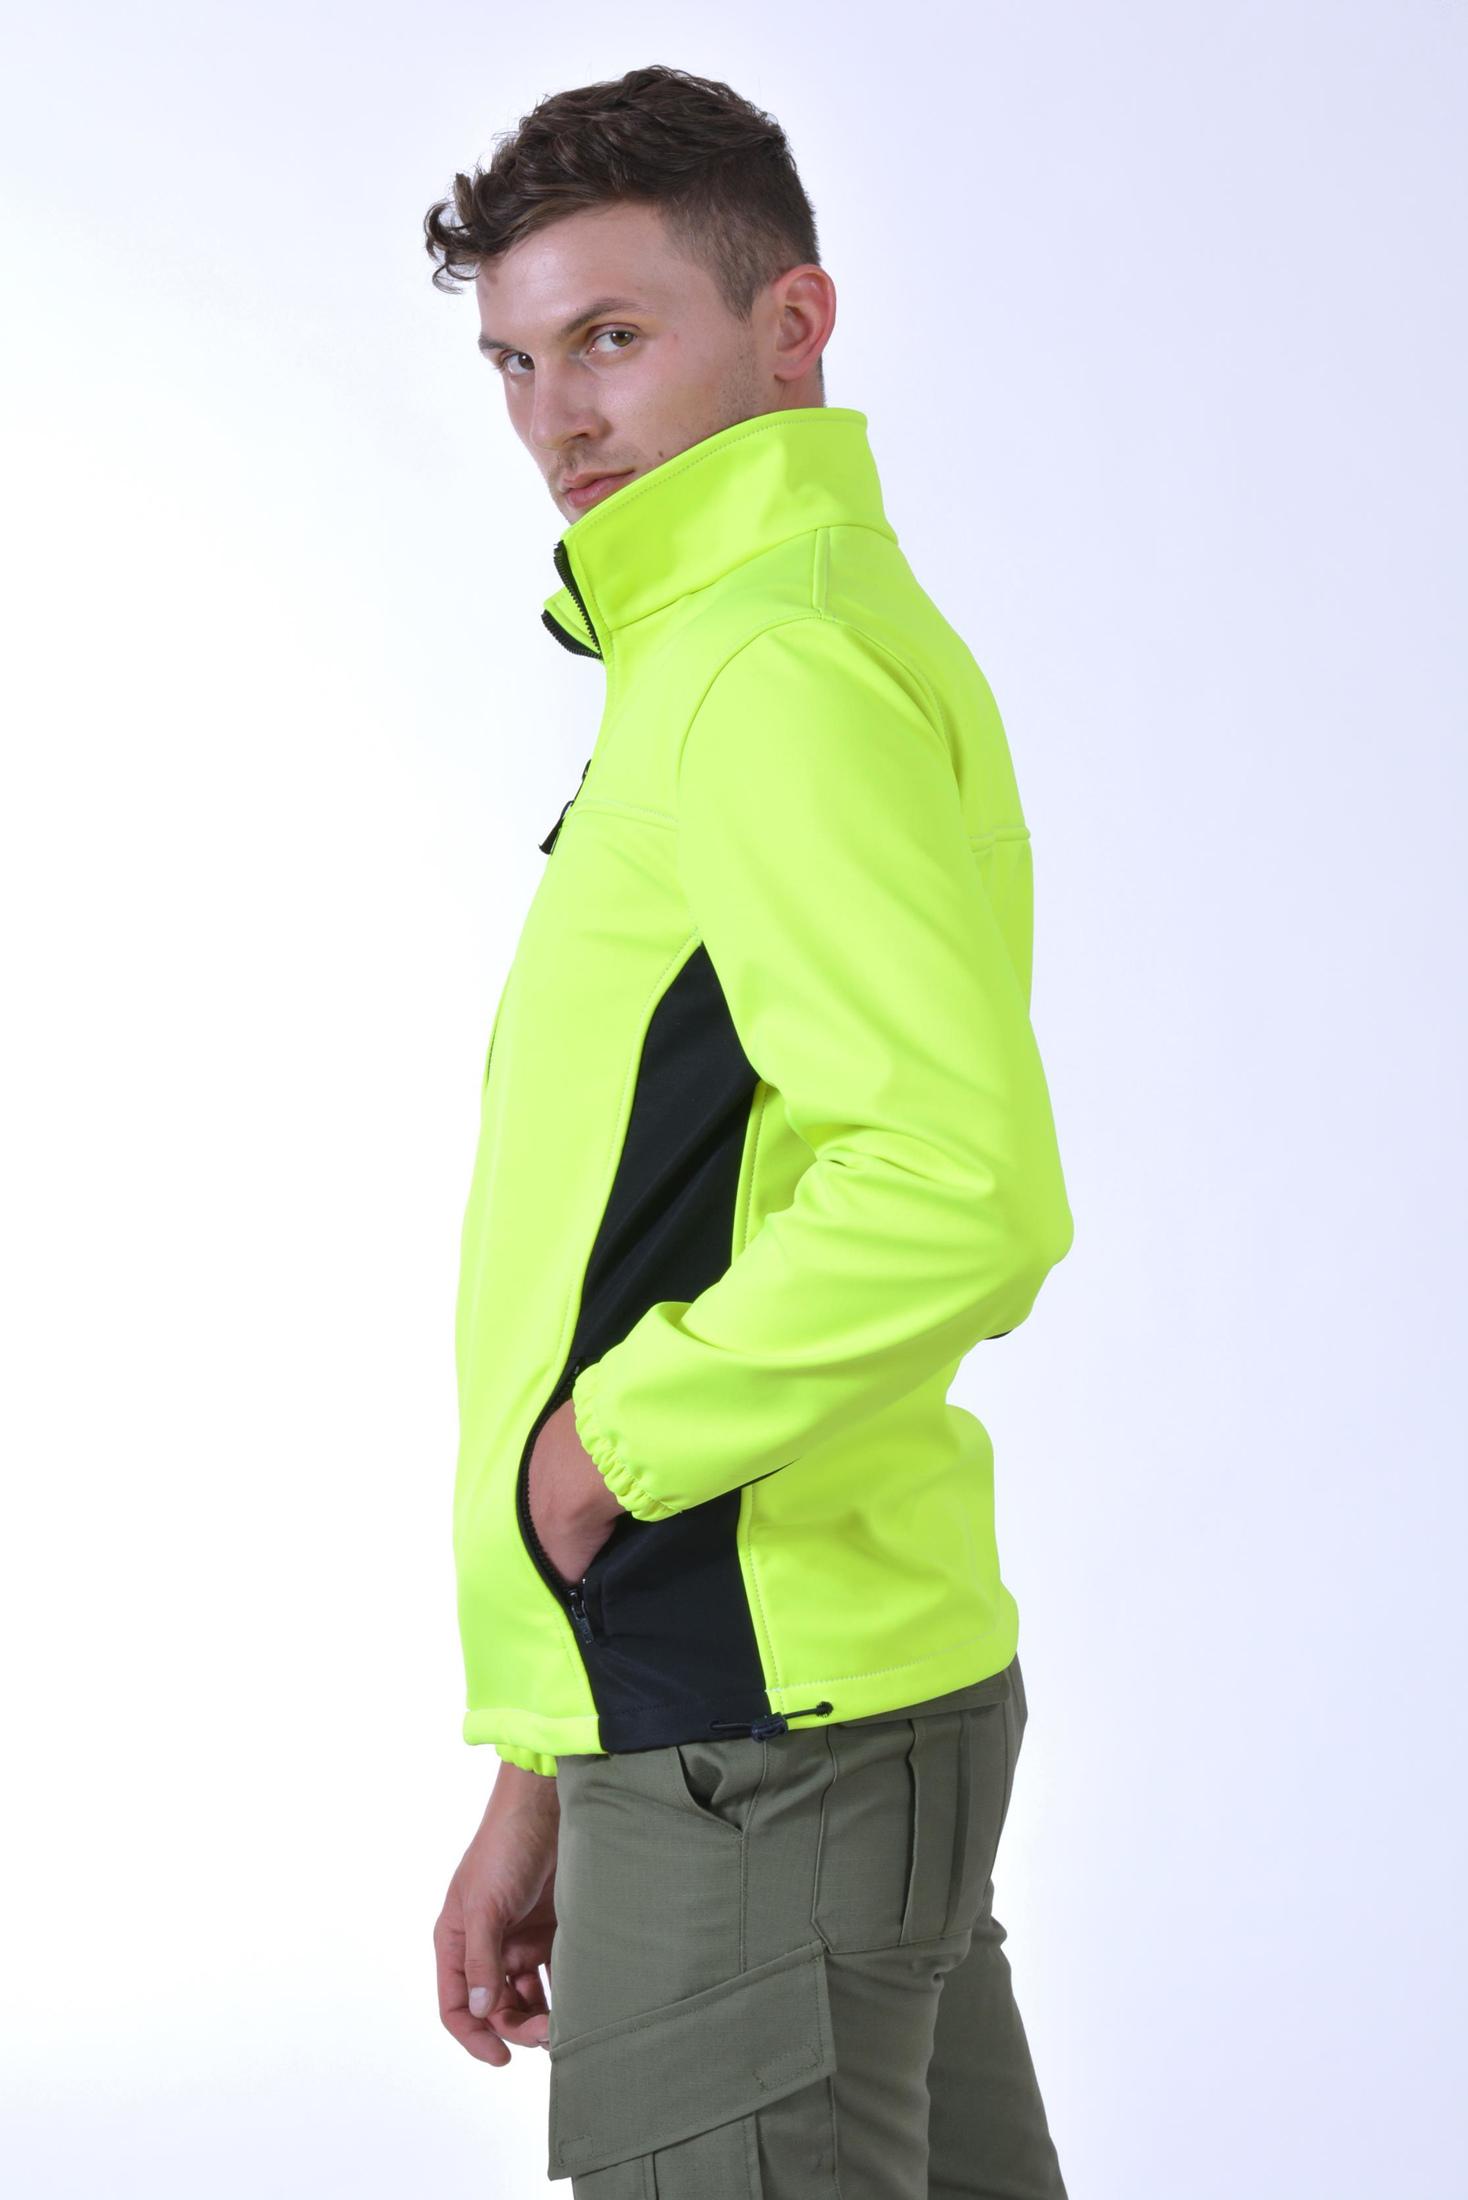 Muška soft shell jakna, vodoodbojna, vjetronepropusna, men's soft shell jacket, water repellent, windproof, high vision